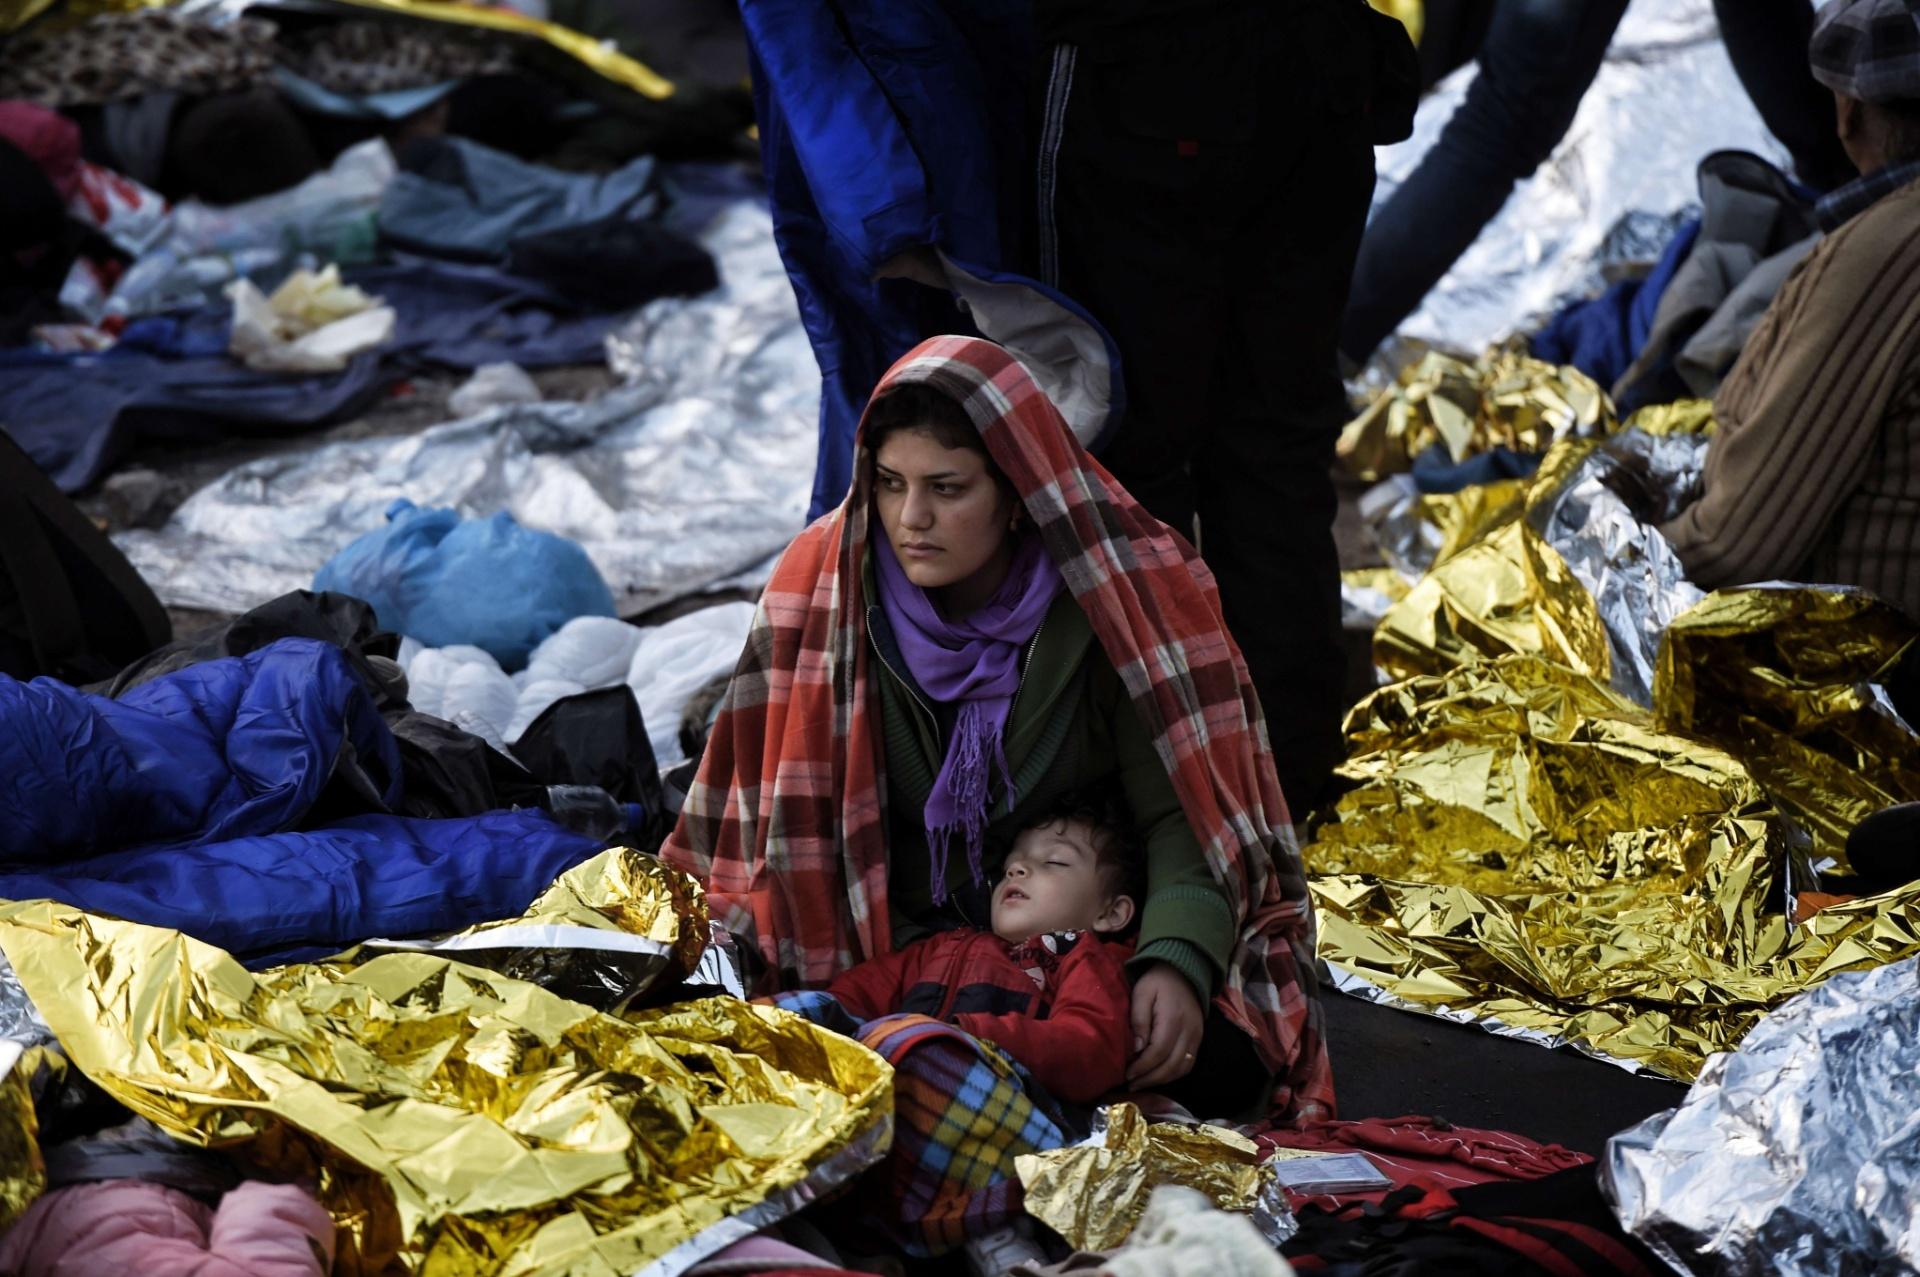 5.out.2015 - Mãe protege filho do frio na ilha grega de Lesbos, onde imigrantes passaram a noite na rua depois da travessia marítima a partir da Turquia. Segundo a ONU, nos últimos dez anos, o número de refugiados no mundo aumentou mais de 50%